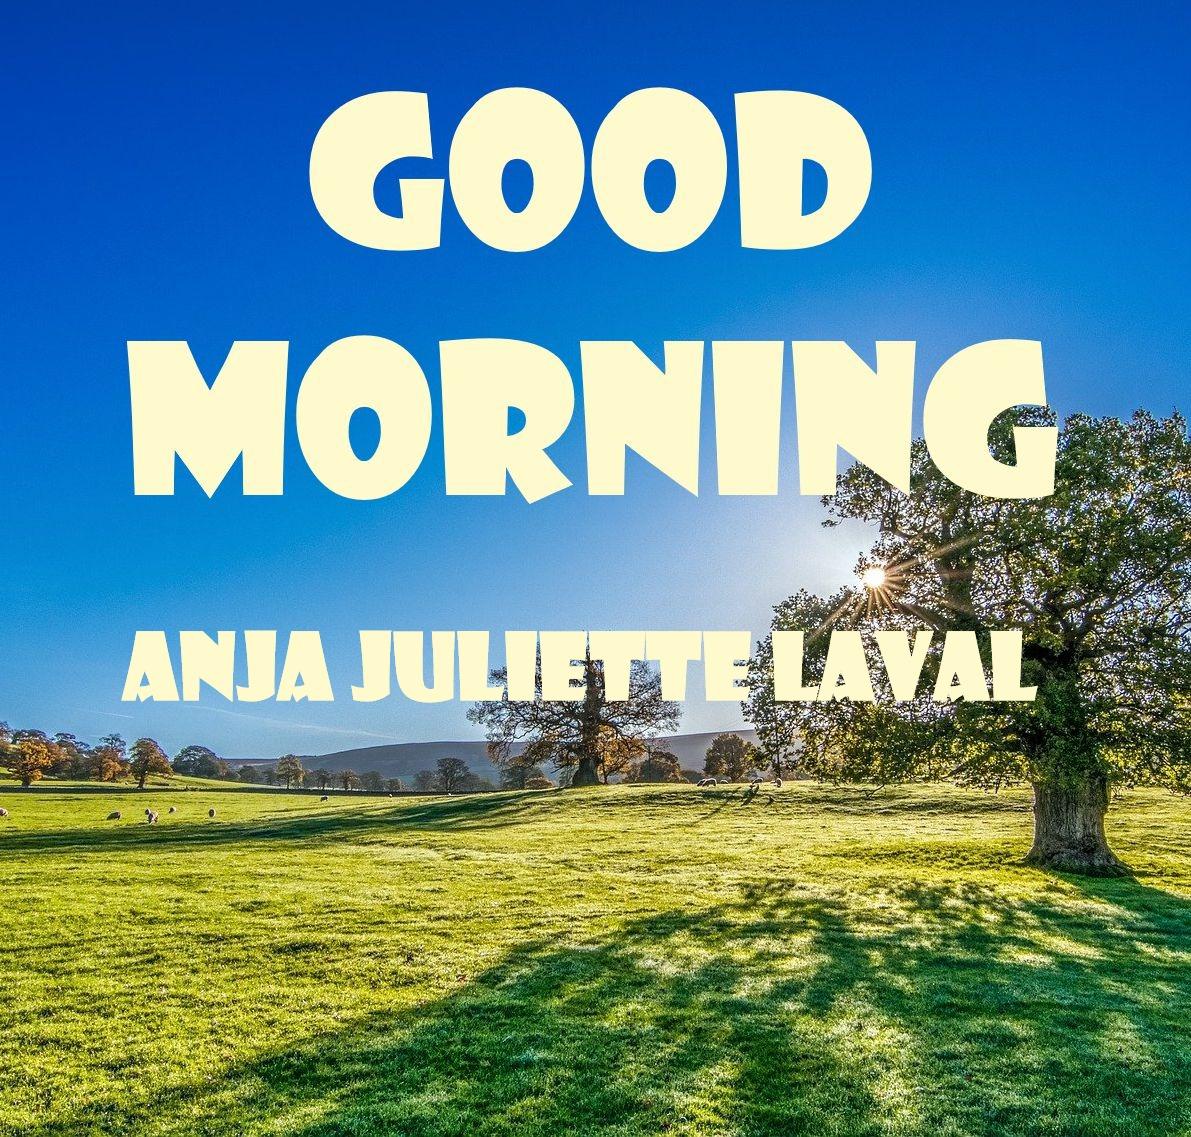 Juliette anja Anja Juliette